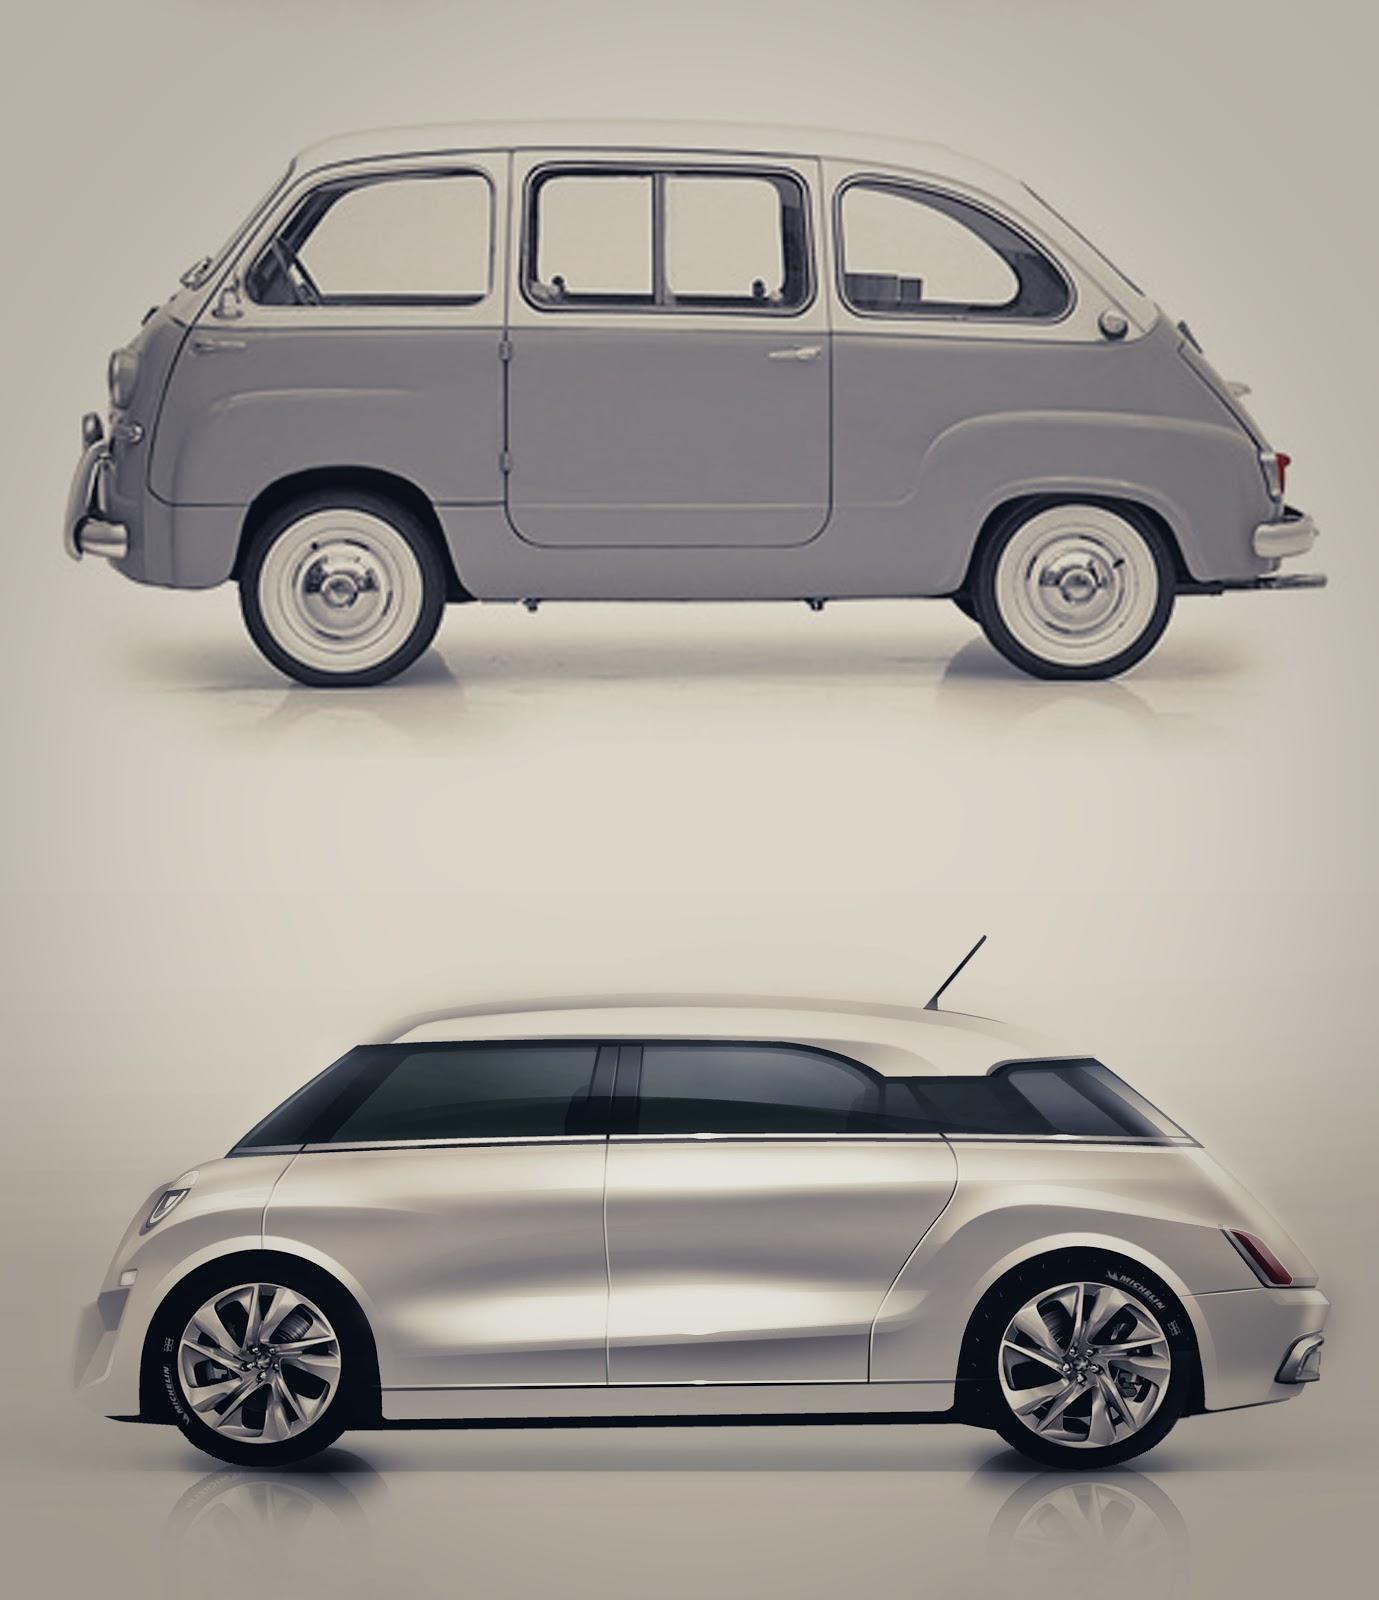 shane paul sumampouw: Fiat 600 multipla just for fun